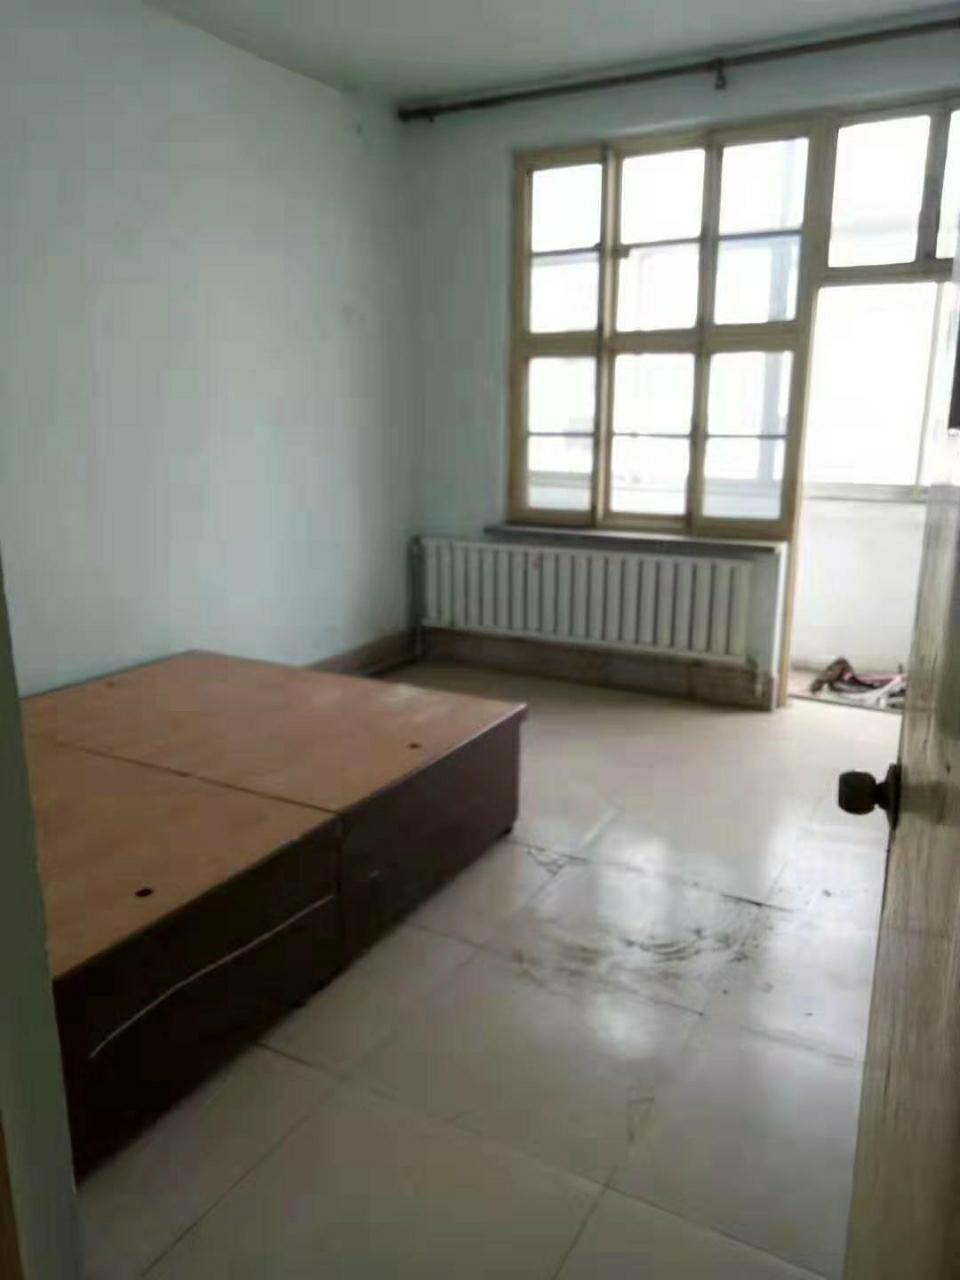 渤海公寓3室 1厅 1卫38万元